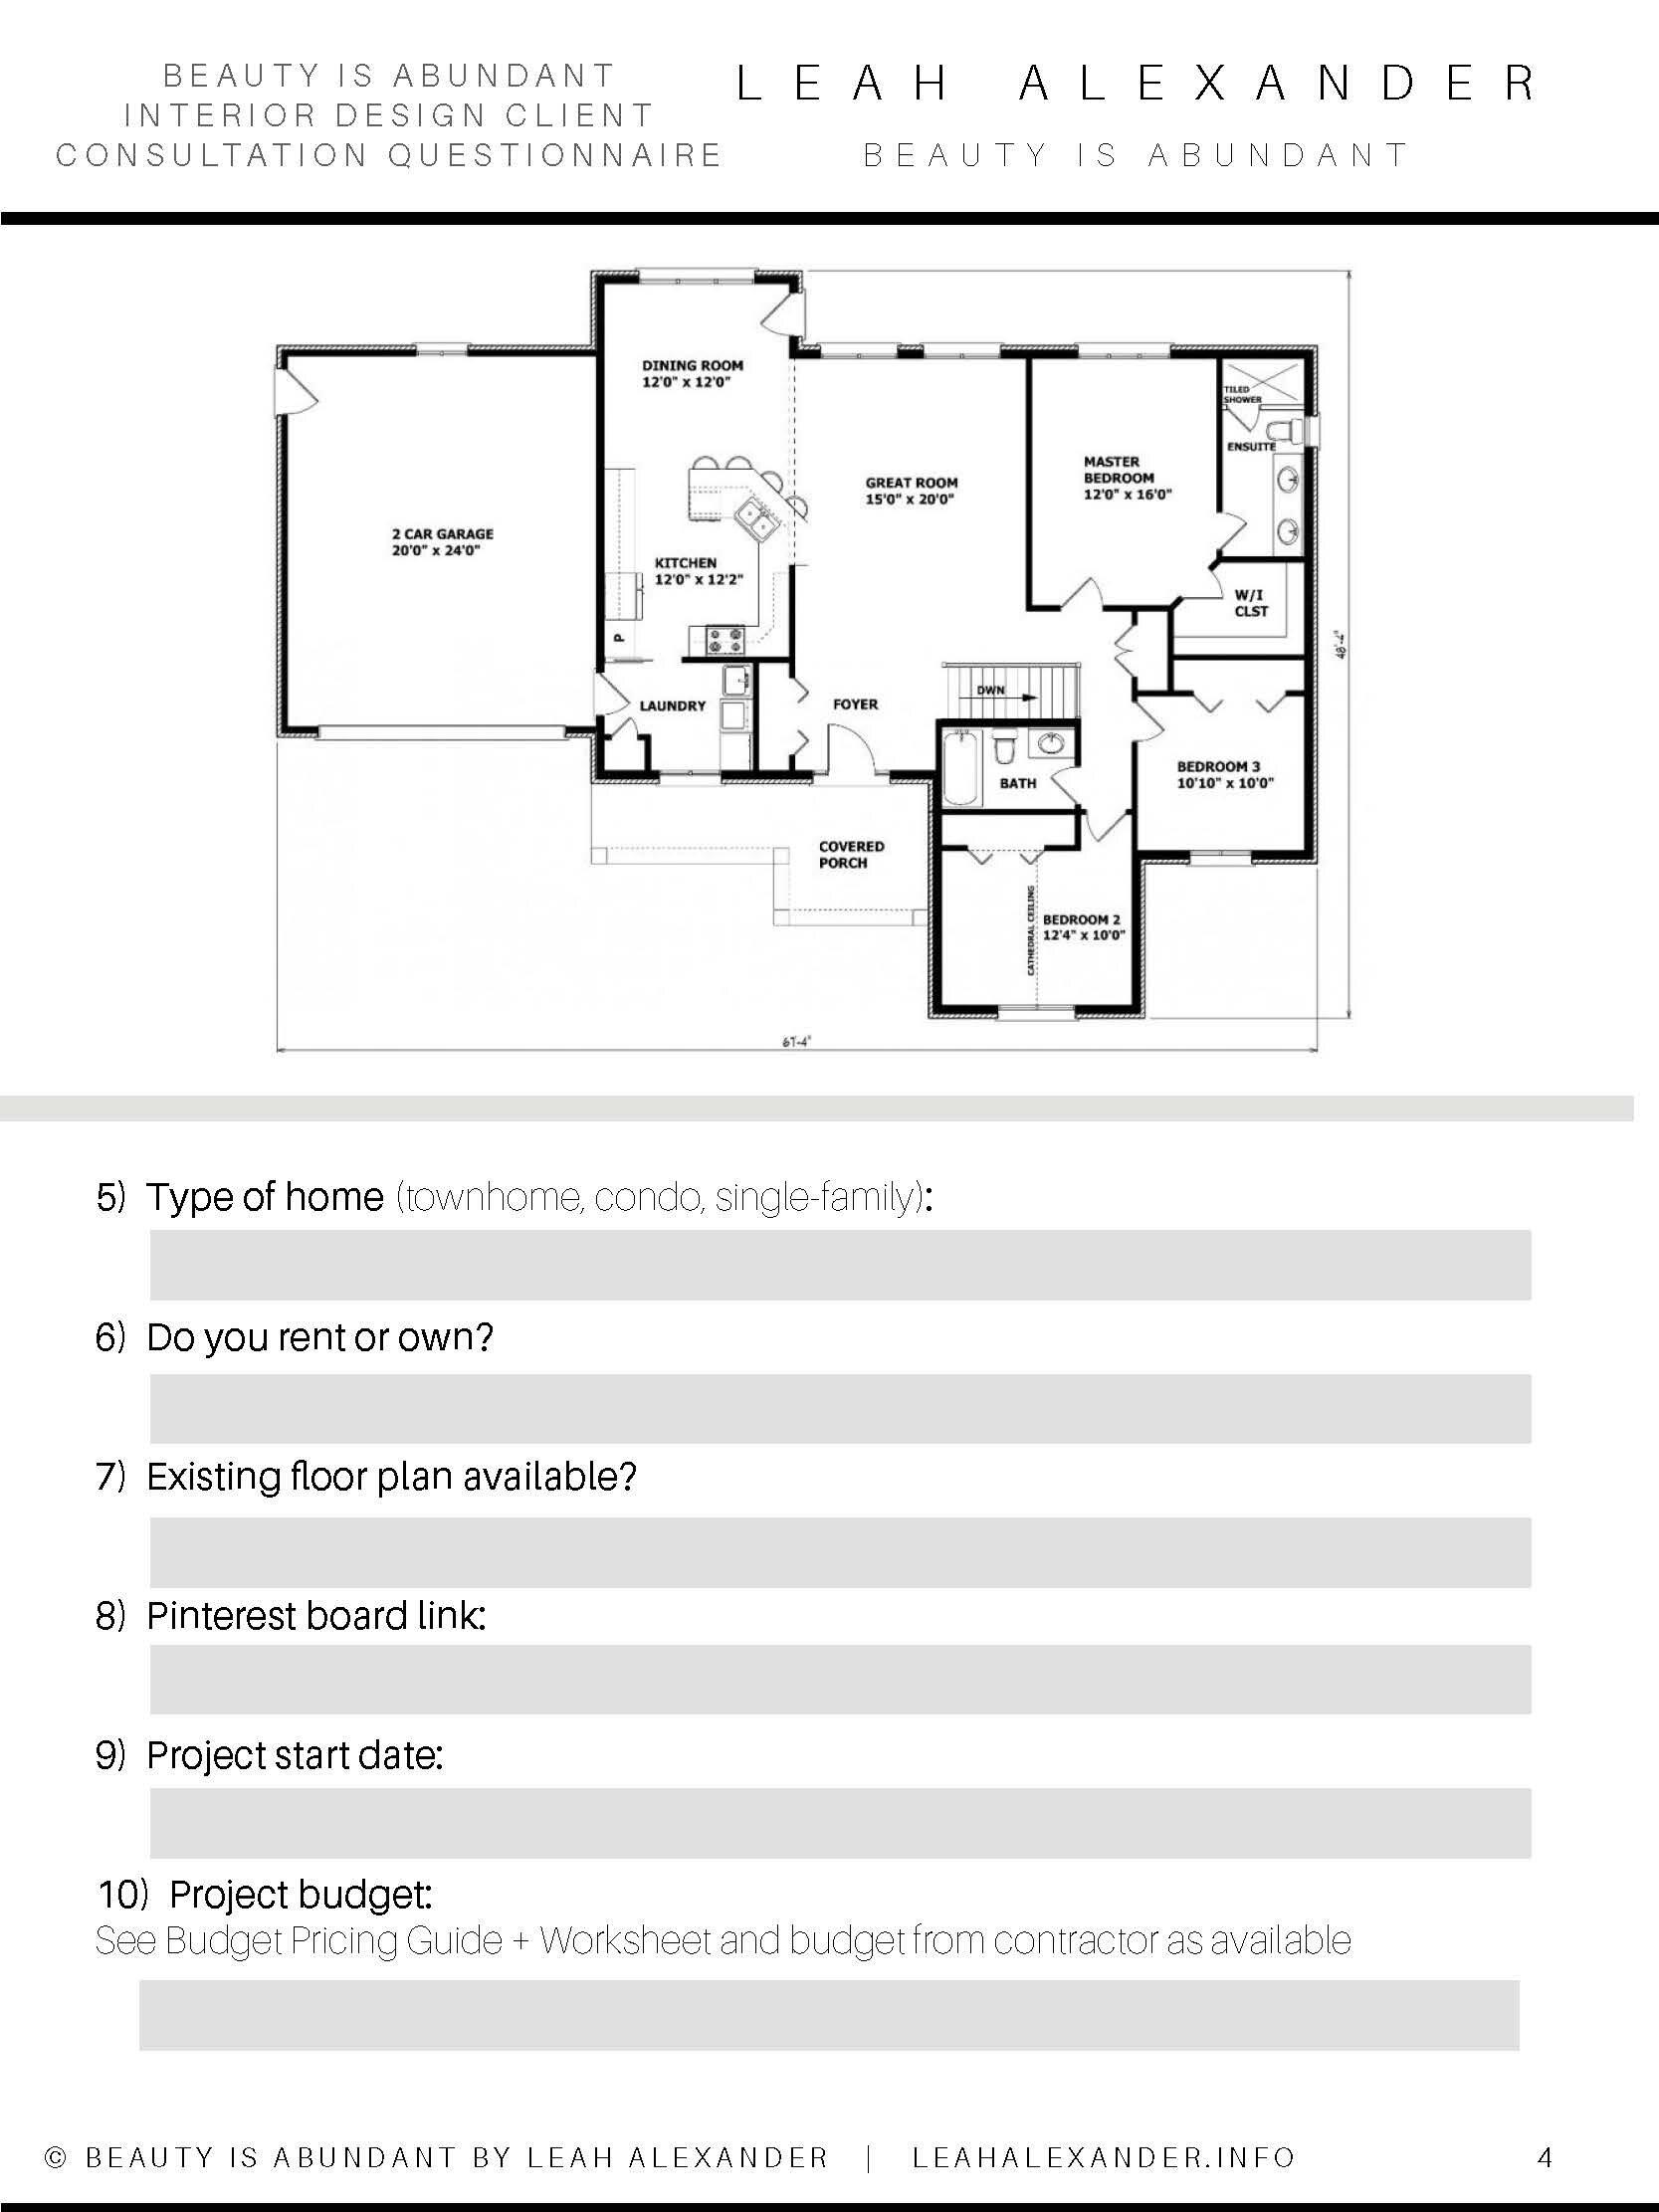 interior design kitchen questionnaire – ksa g.com